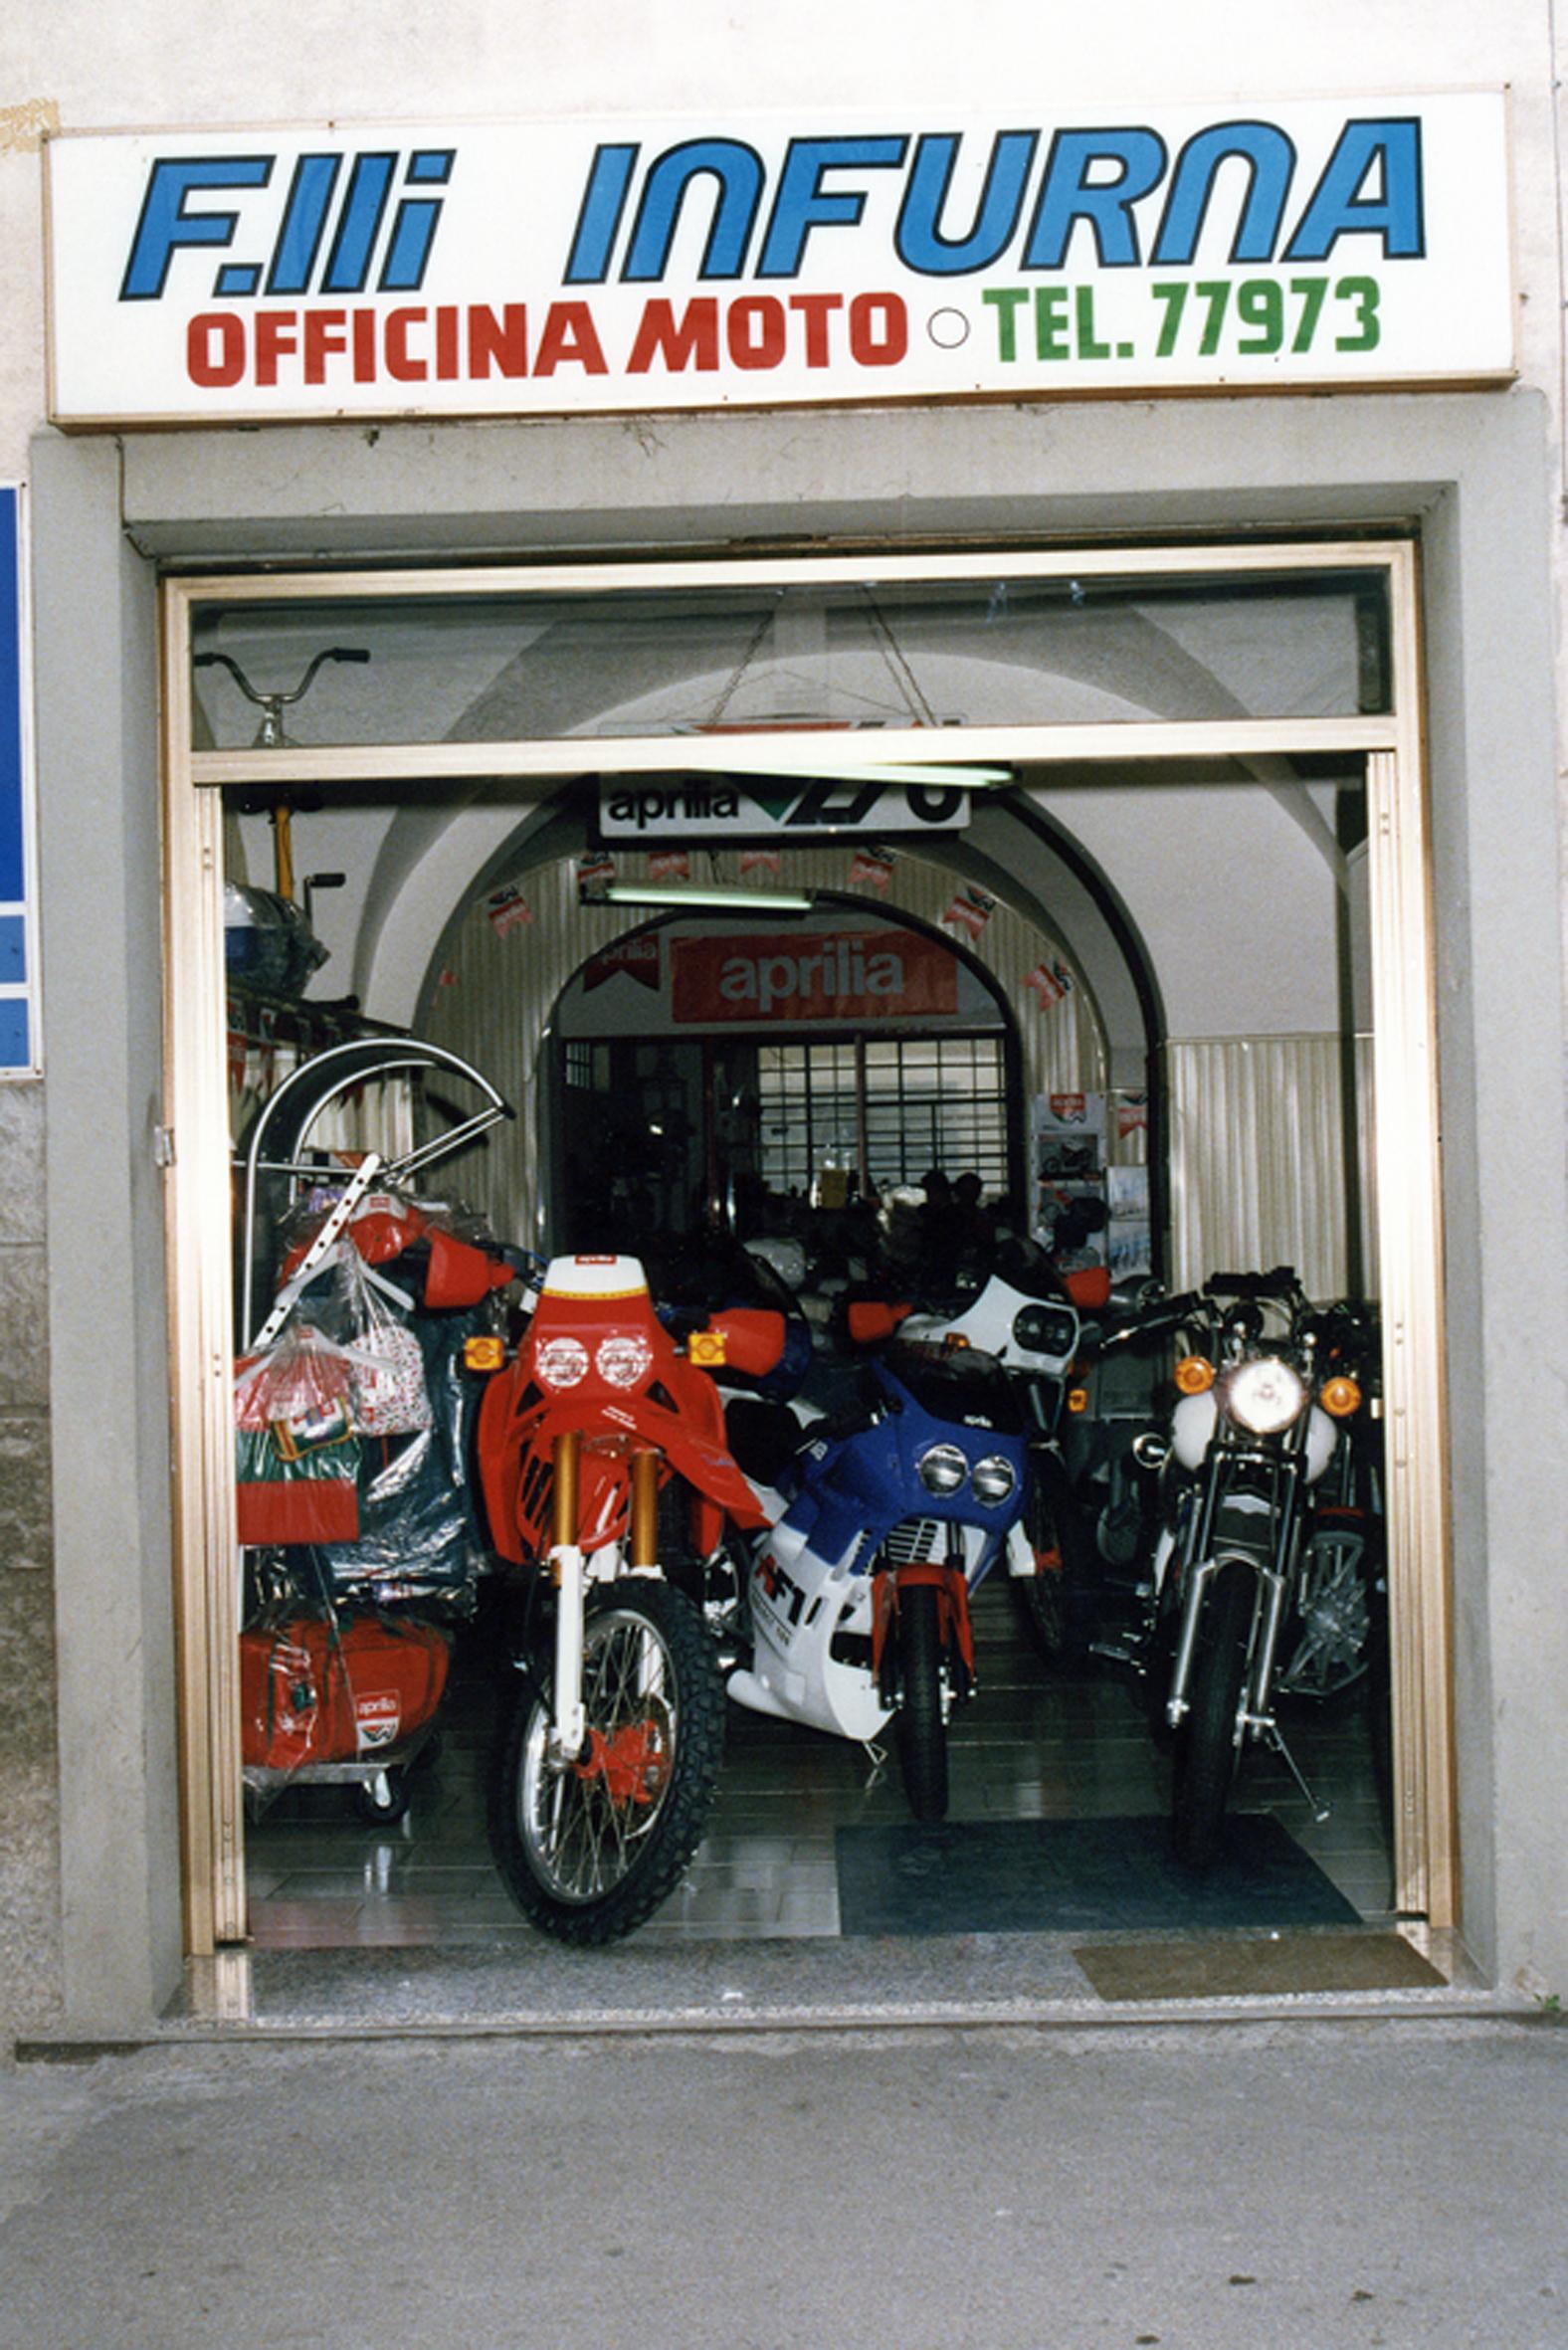 01- L'officina in via Chiarugi